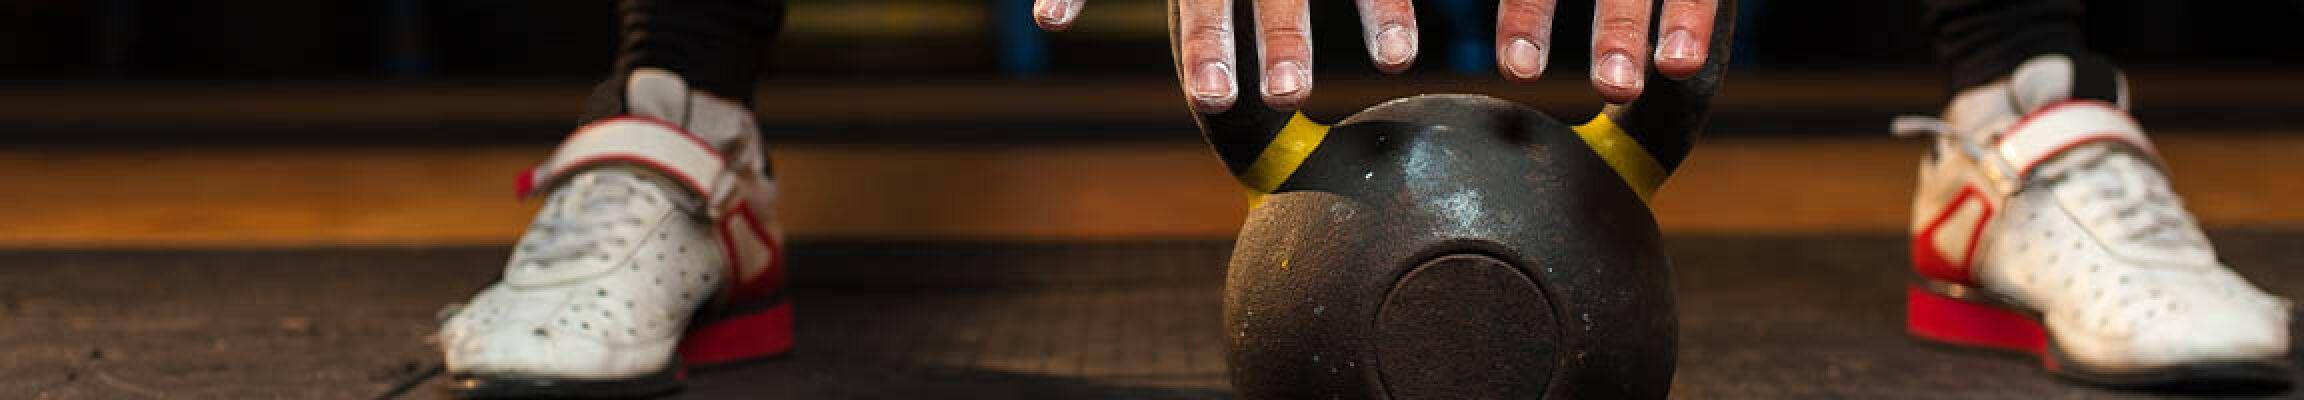 Gewichtheberschuhe - Einleitung